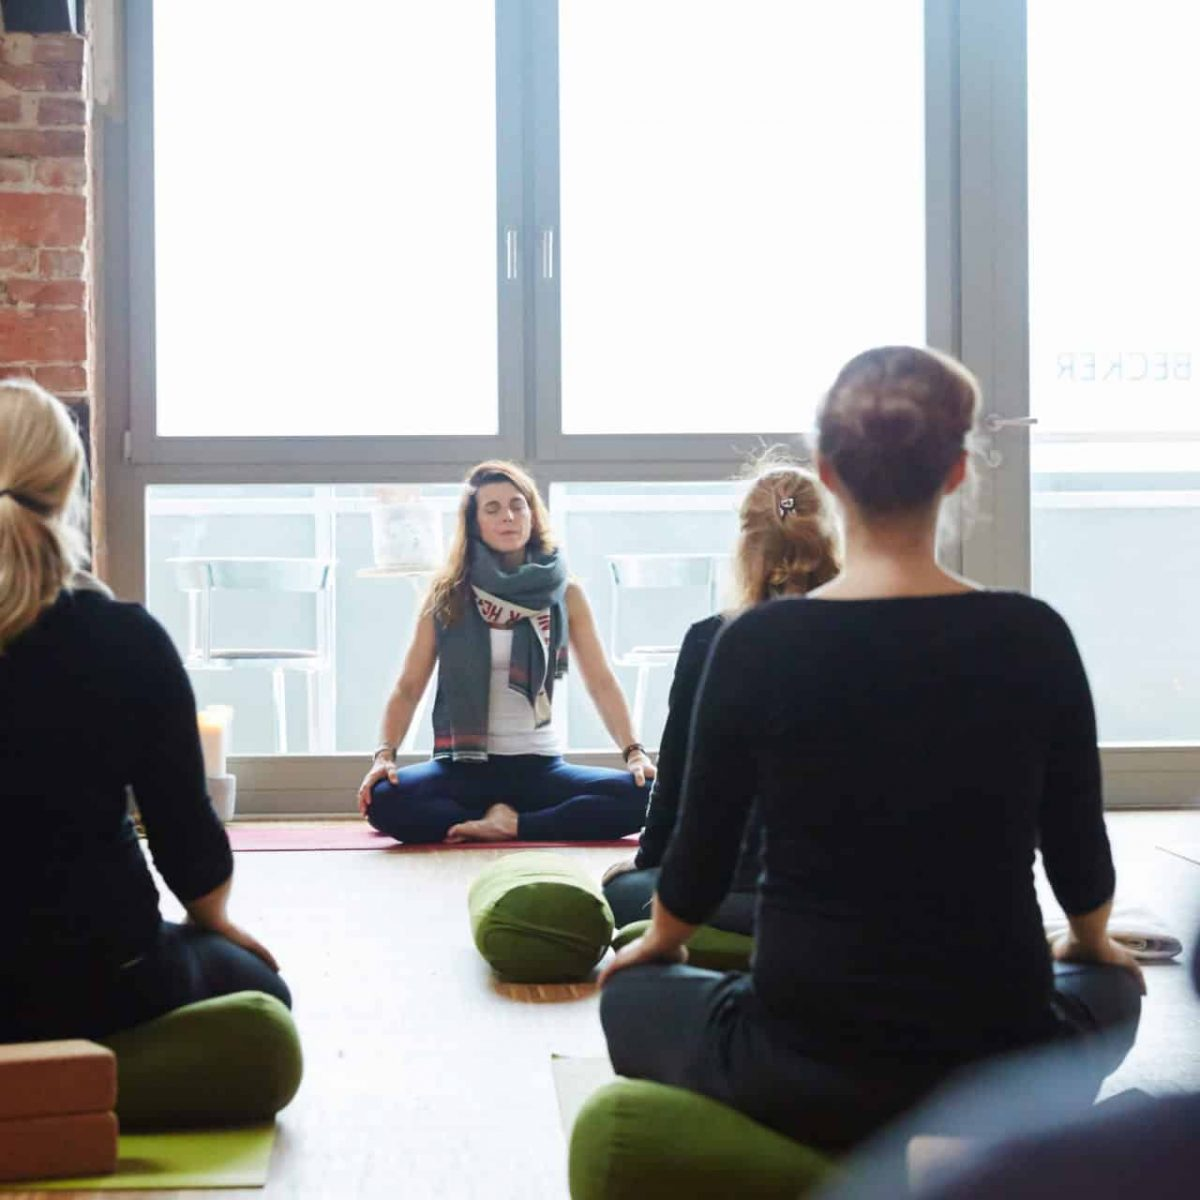 YogaManufaktur_Wuerzburg_Anfangsmeditation